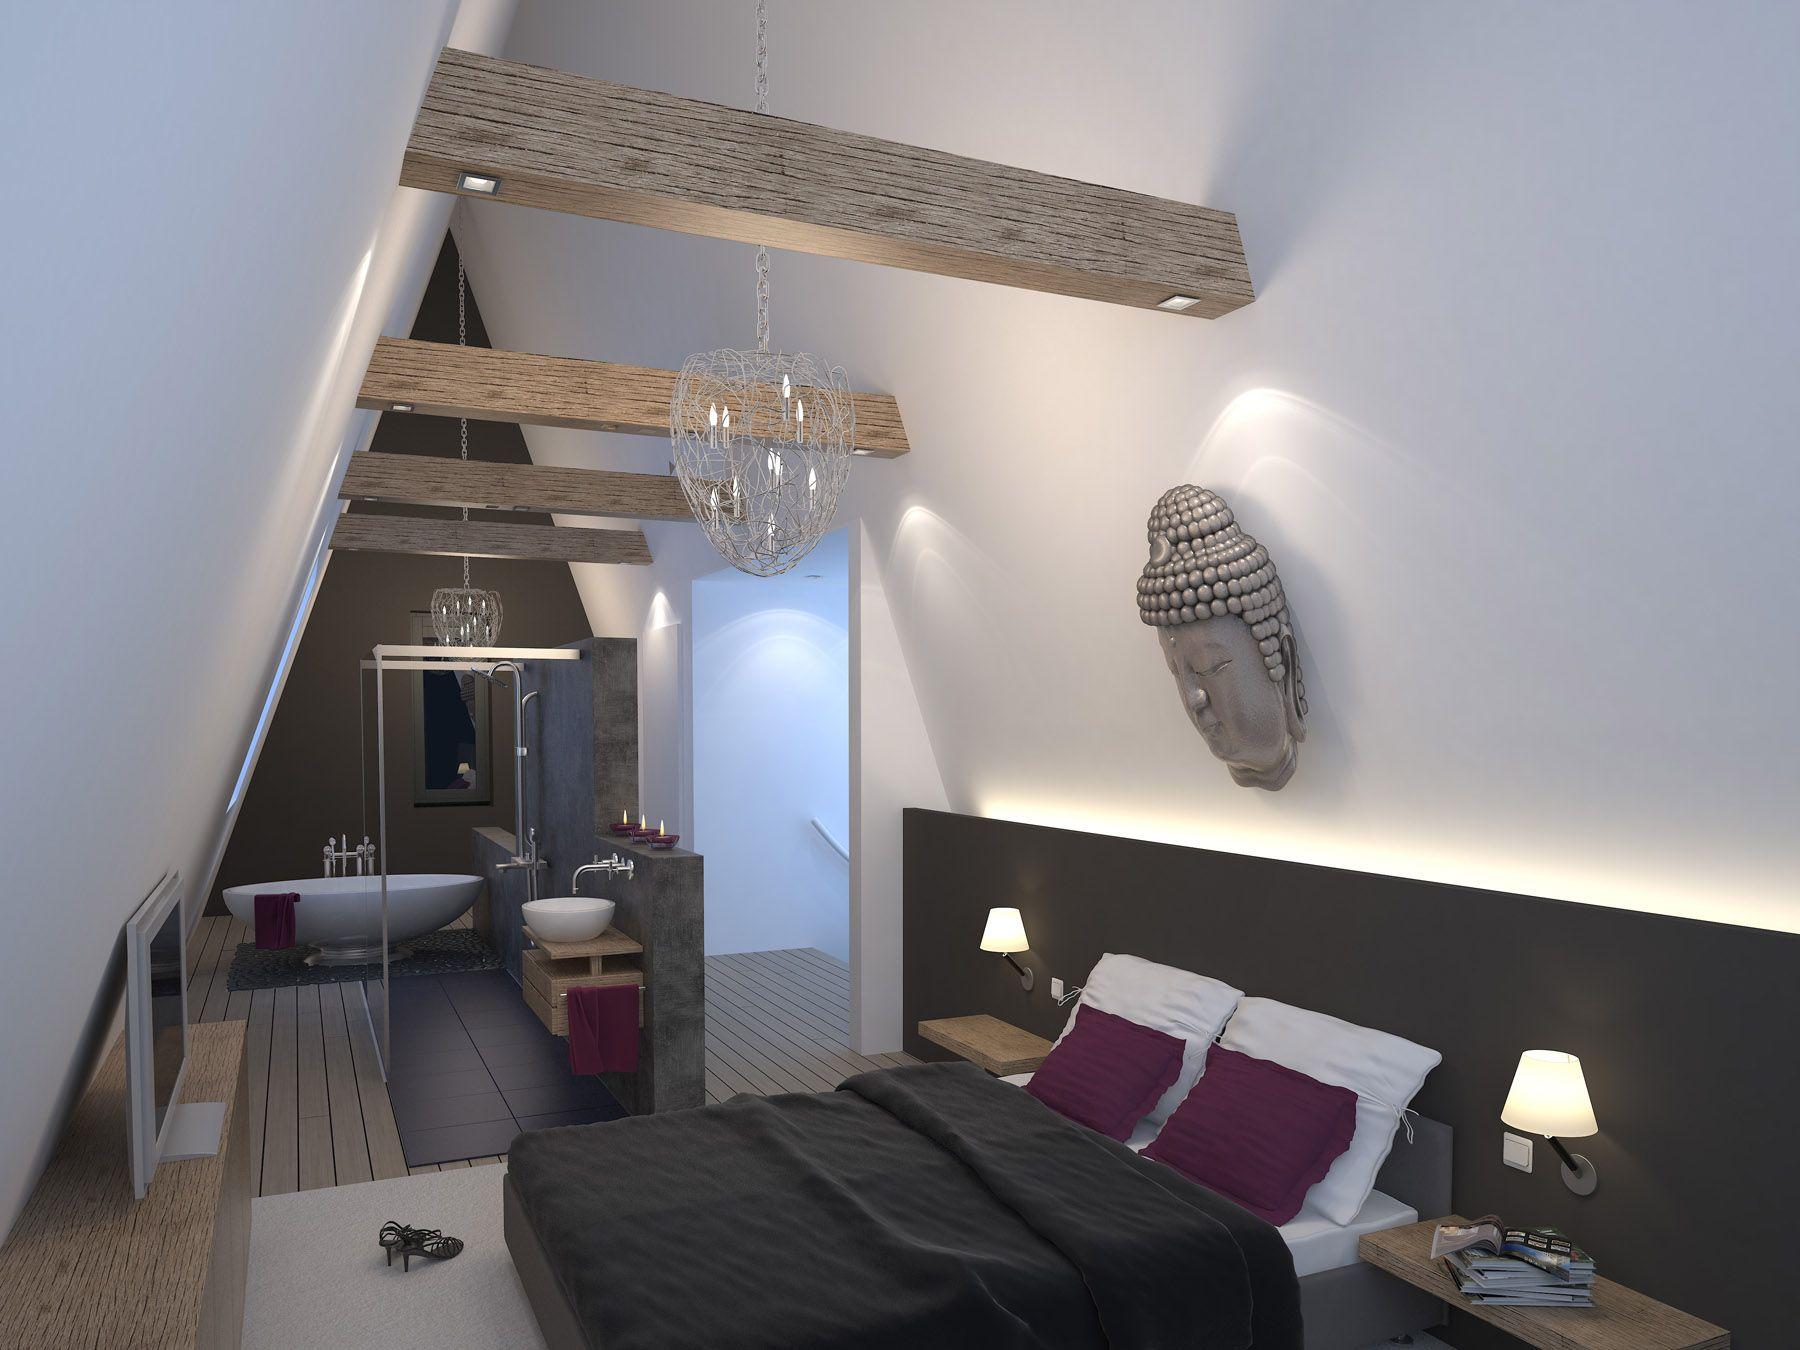 Kinderkamer idee vloerkleed - Jongen kamer decoratie idee ...